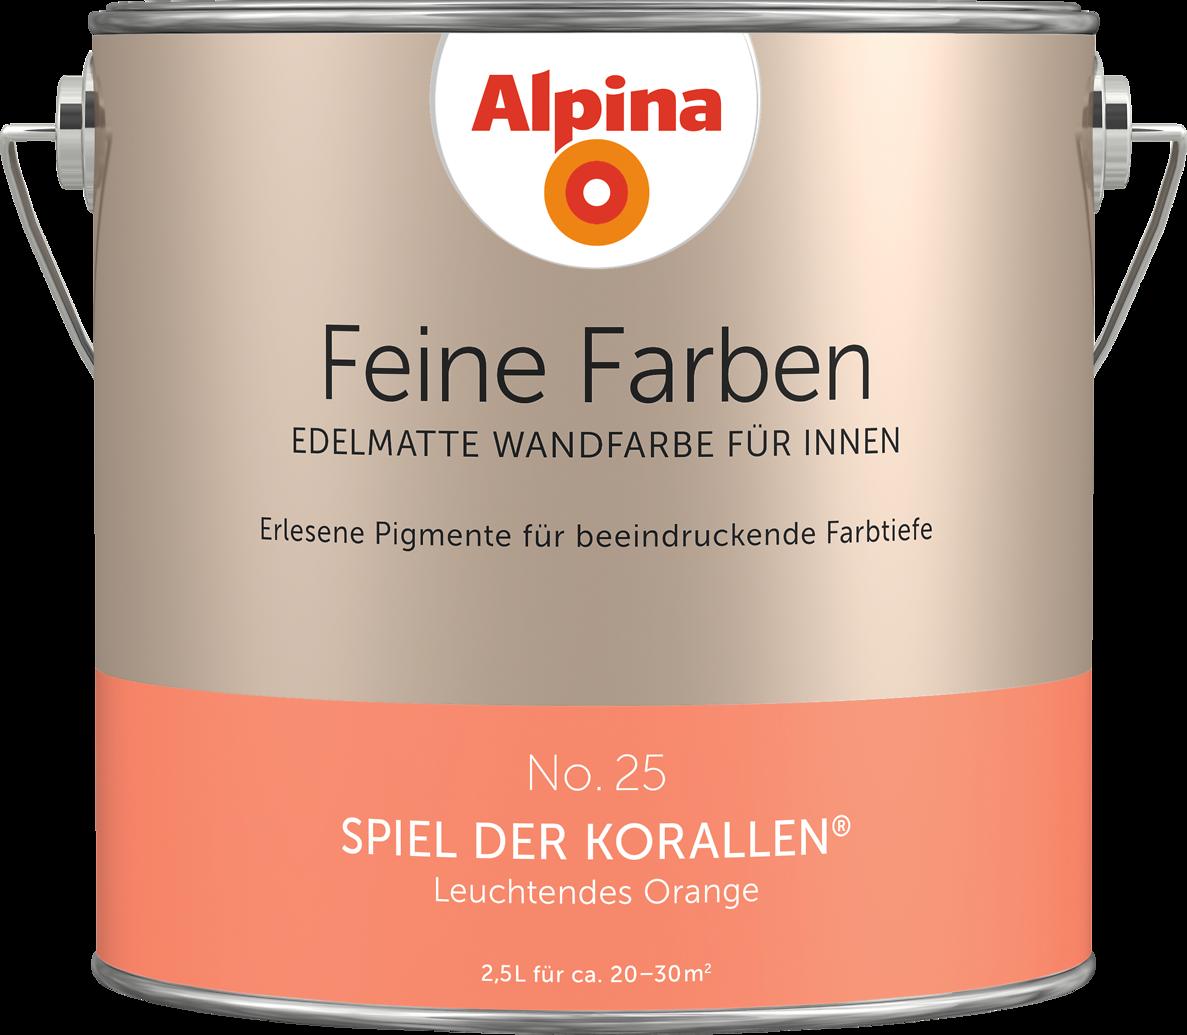 Premium-Wandfarbe Orange: Alpina Feine Farben SPIELEN DER